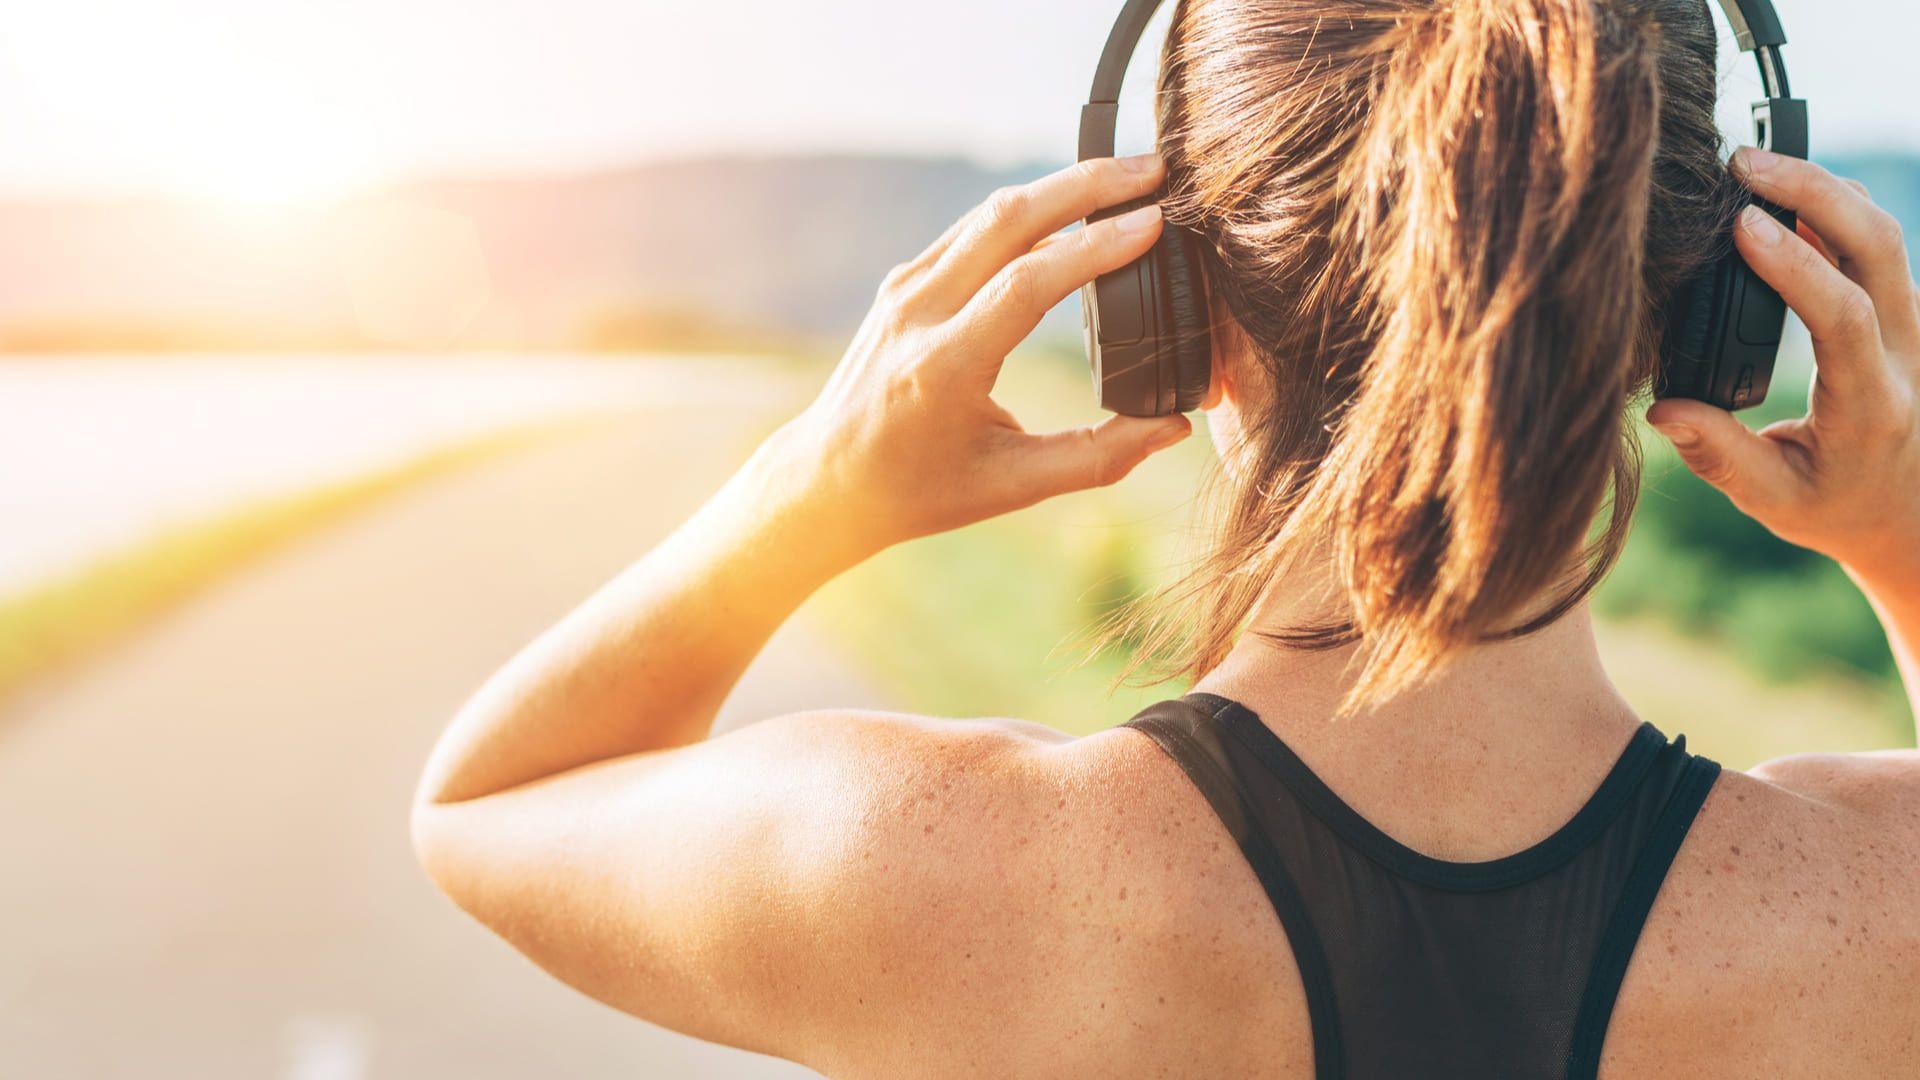 Conheça os melhores fone de ouvido Bluetooth de 2021! (Imagem: Shutterstock)